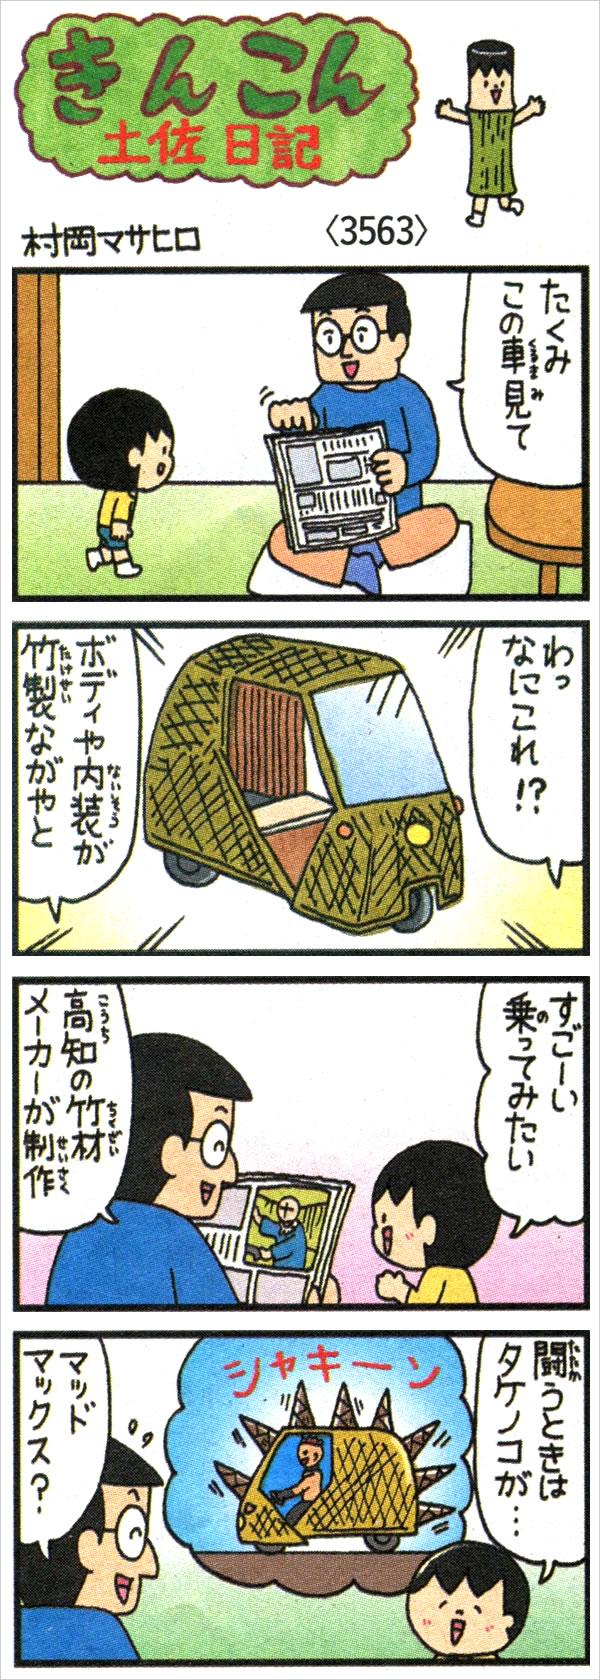 村岡マサヒロさん「きんこん土佐日記」